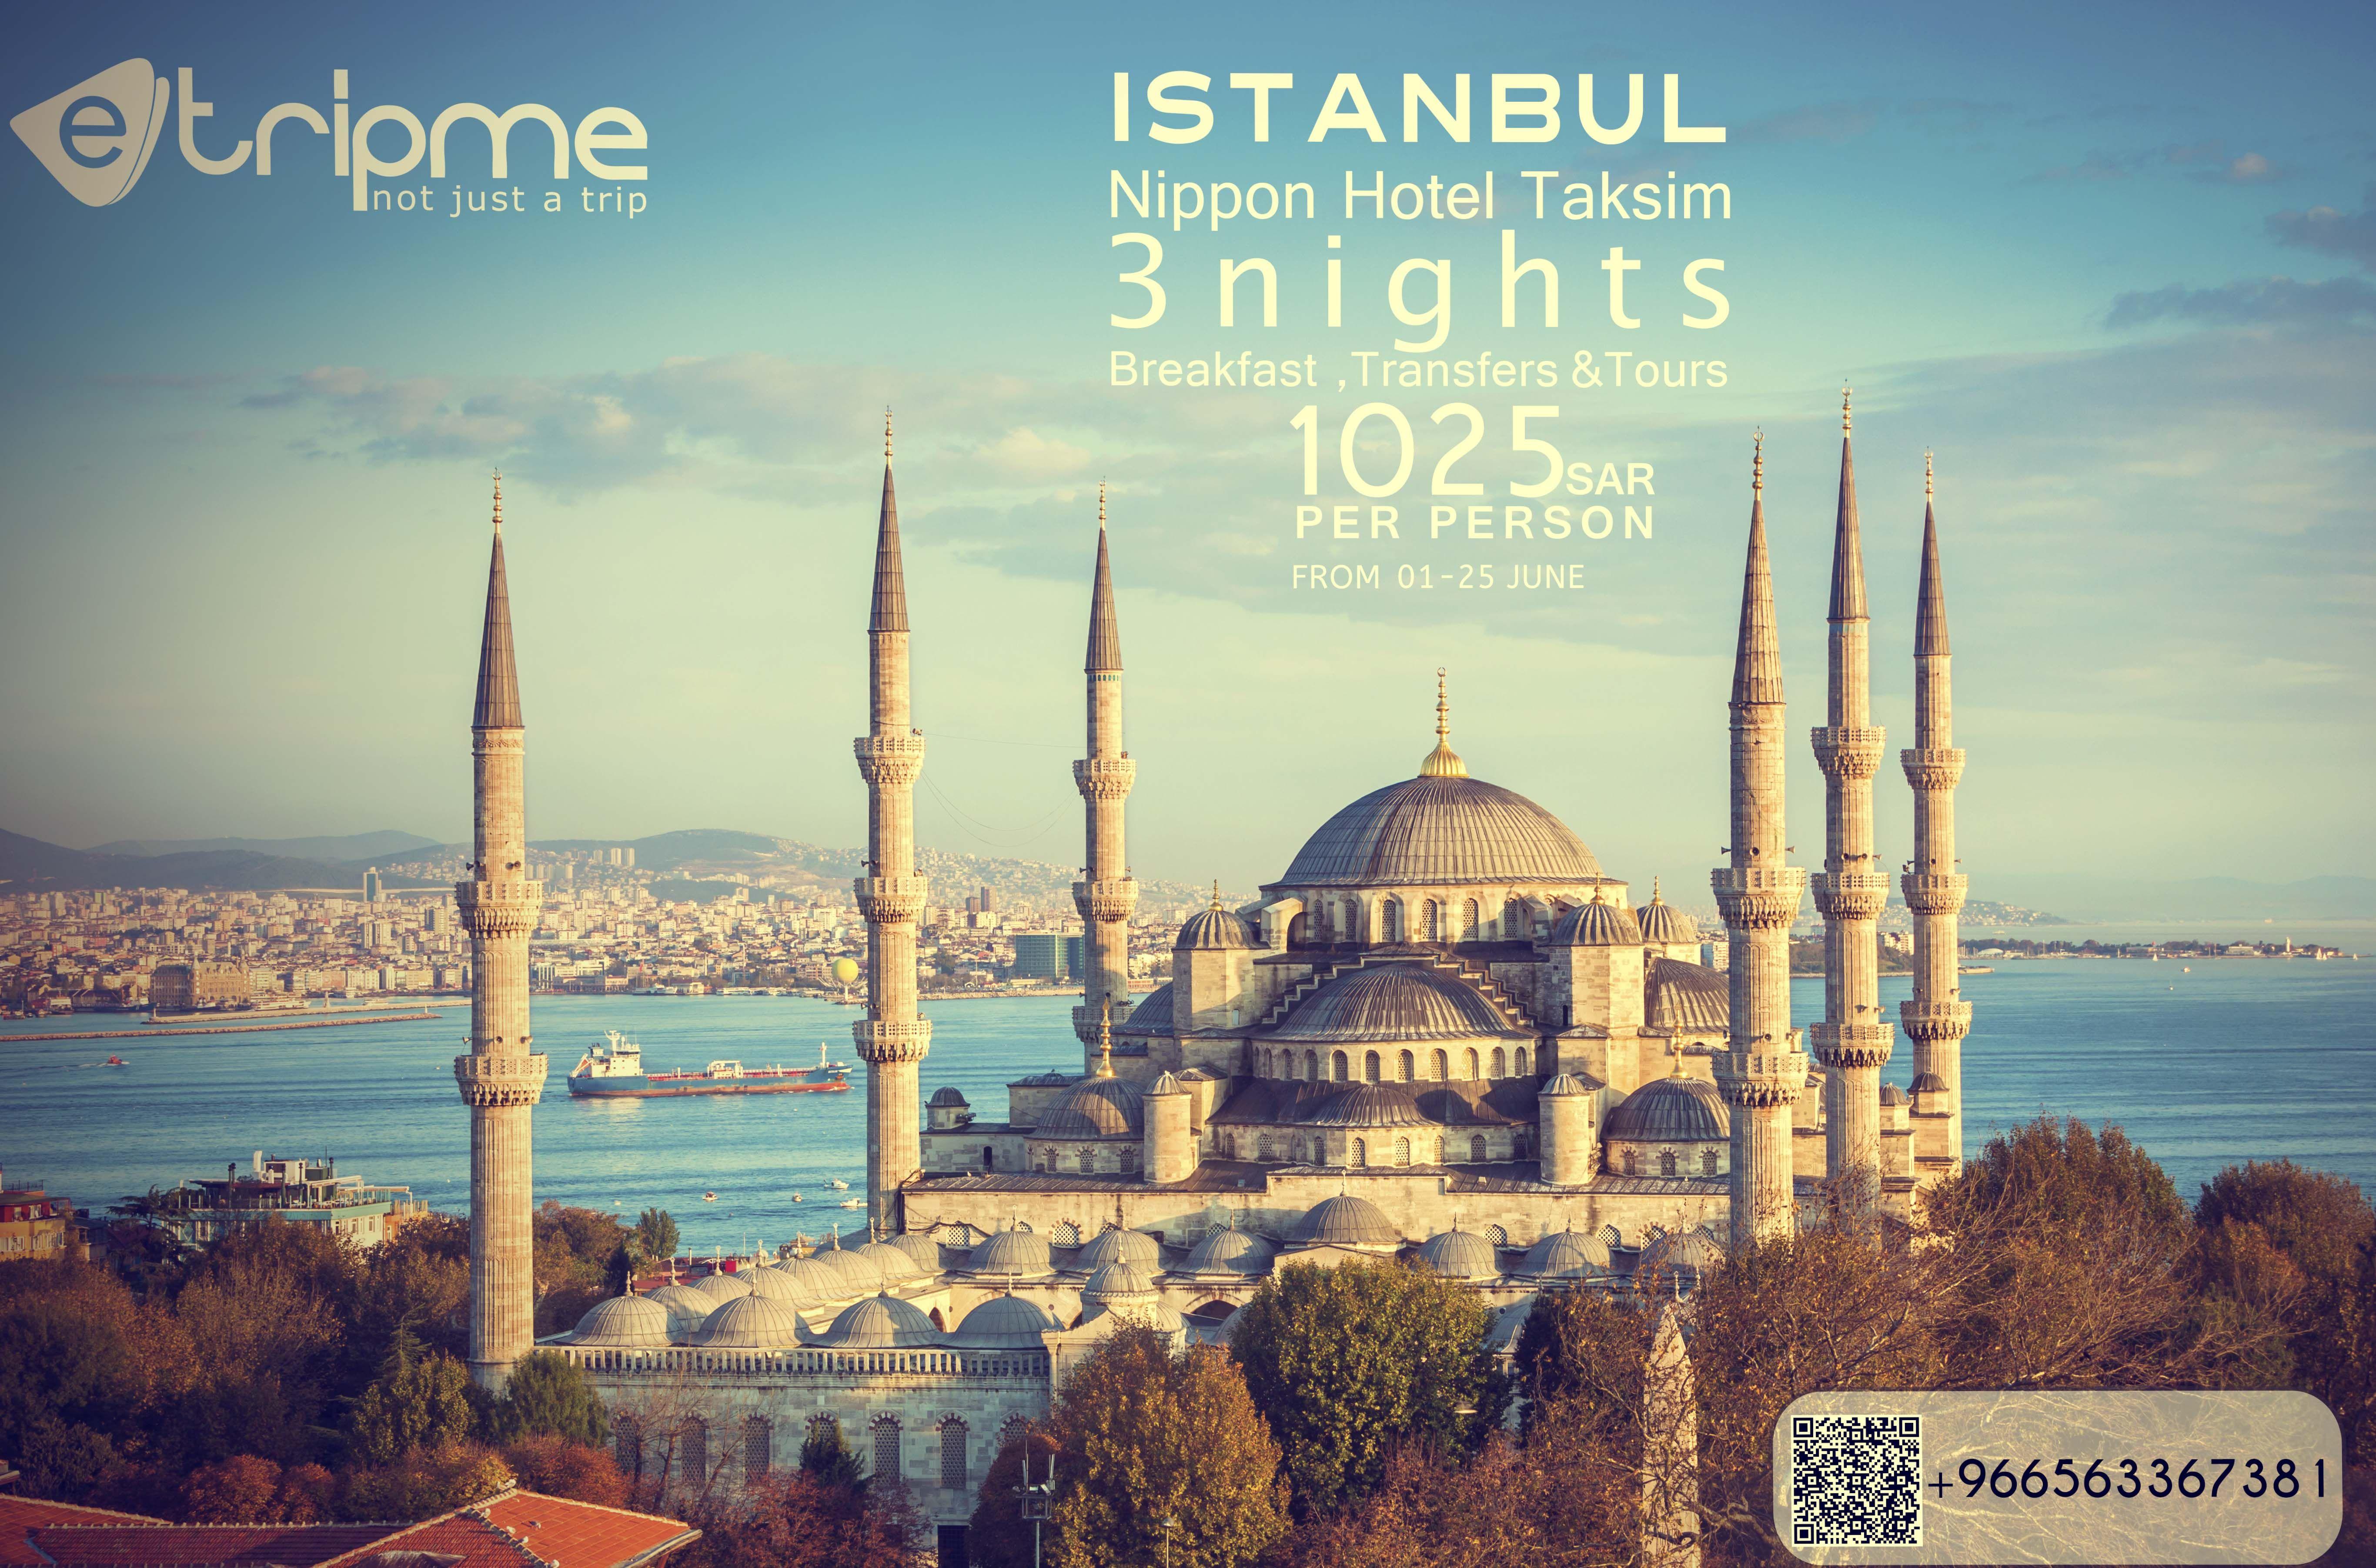 السفر الي اسطنبول السياحة الي اسطنبول عروض السفر الي تركيا اشهر الاماكن السياحية في تركيا Trip Tours Travel